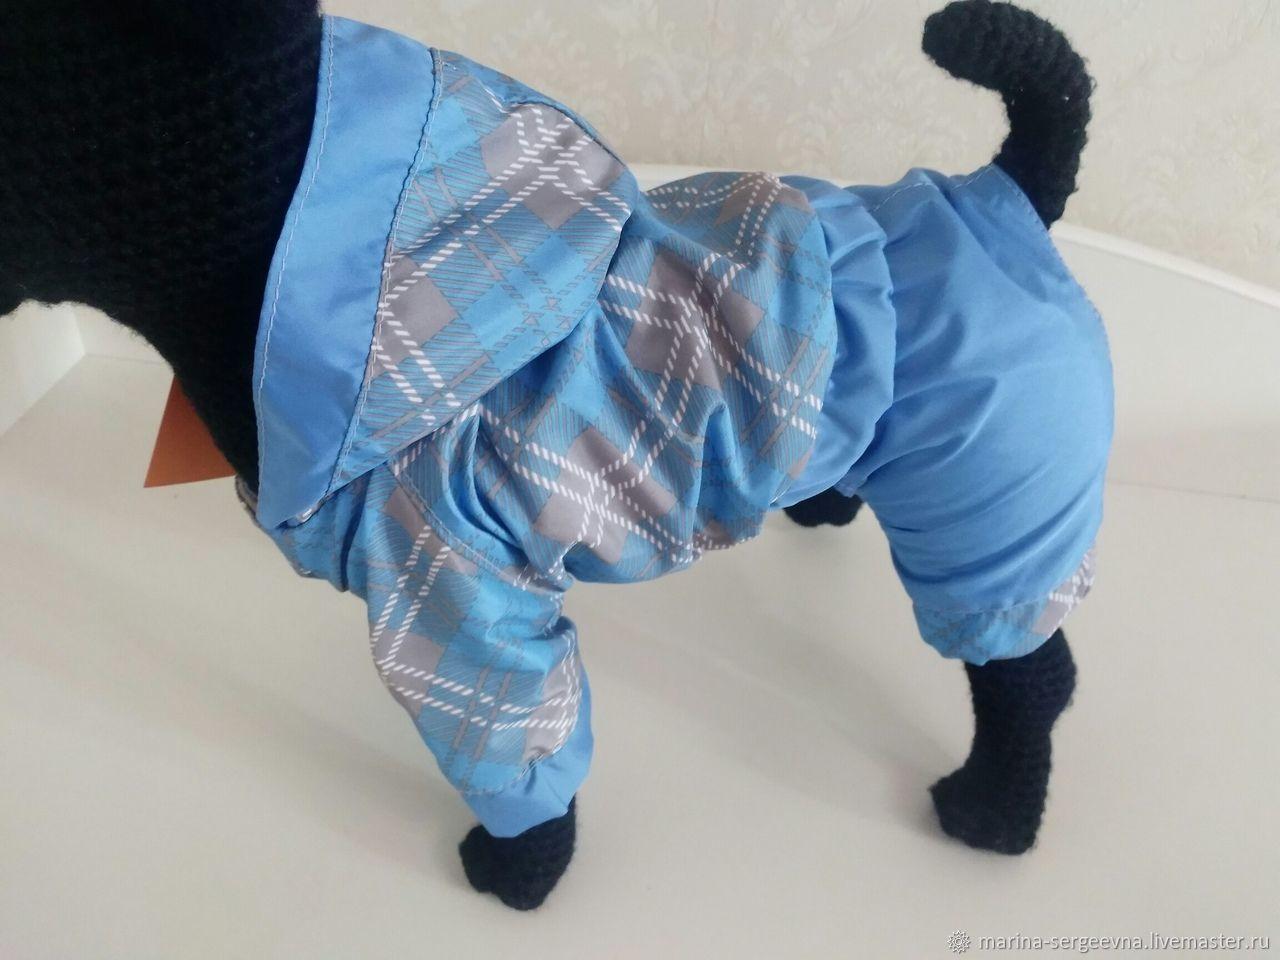 Одежда для собак, ручной работы. Ярмарка Мастеров - ручная работа. Купить Одежда для собак. Handmade. Йоркширский терьер, йорк, чих